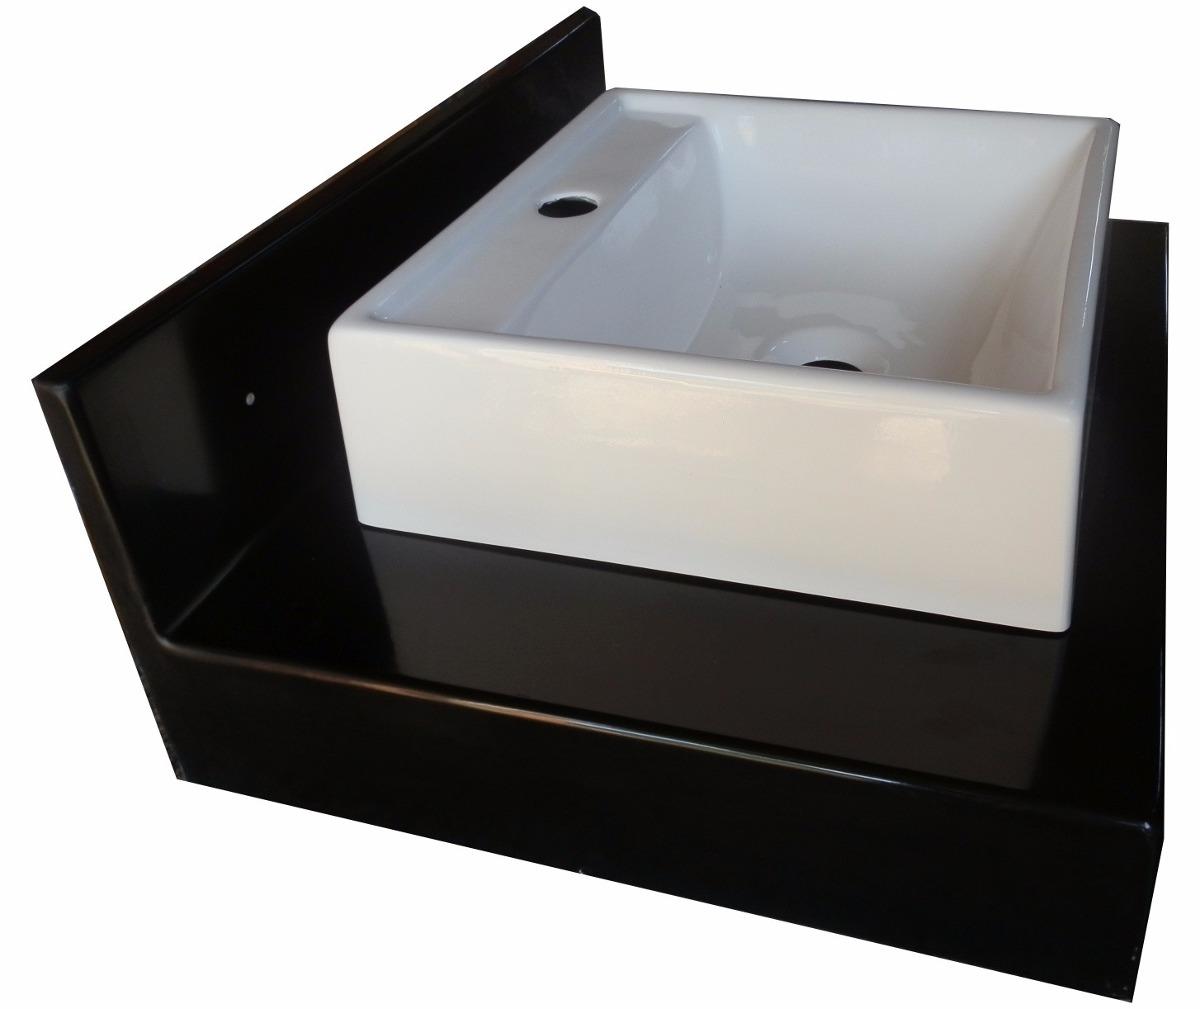 Cuba Sobrepor Para Banheiro Quadrada  R$ 99,99 em Mercado Livre -> Cuba De Sobrepor Para Banheiro Mercadolivre